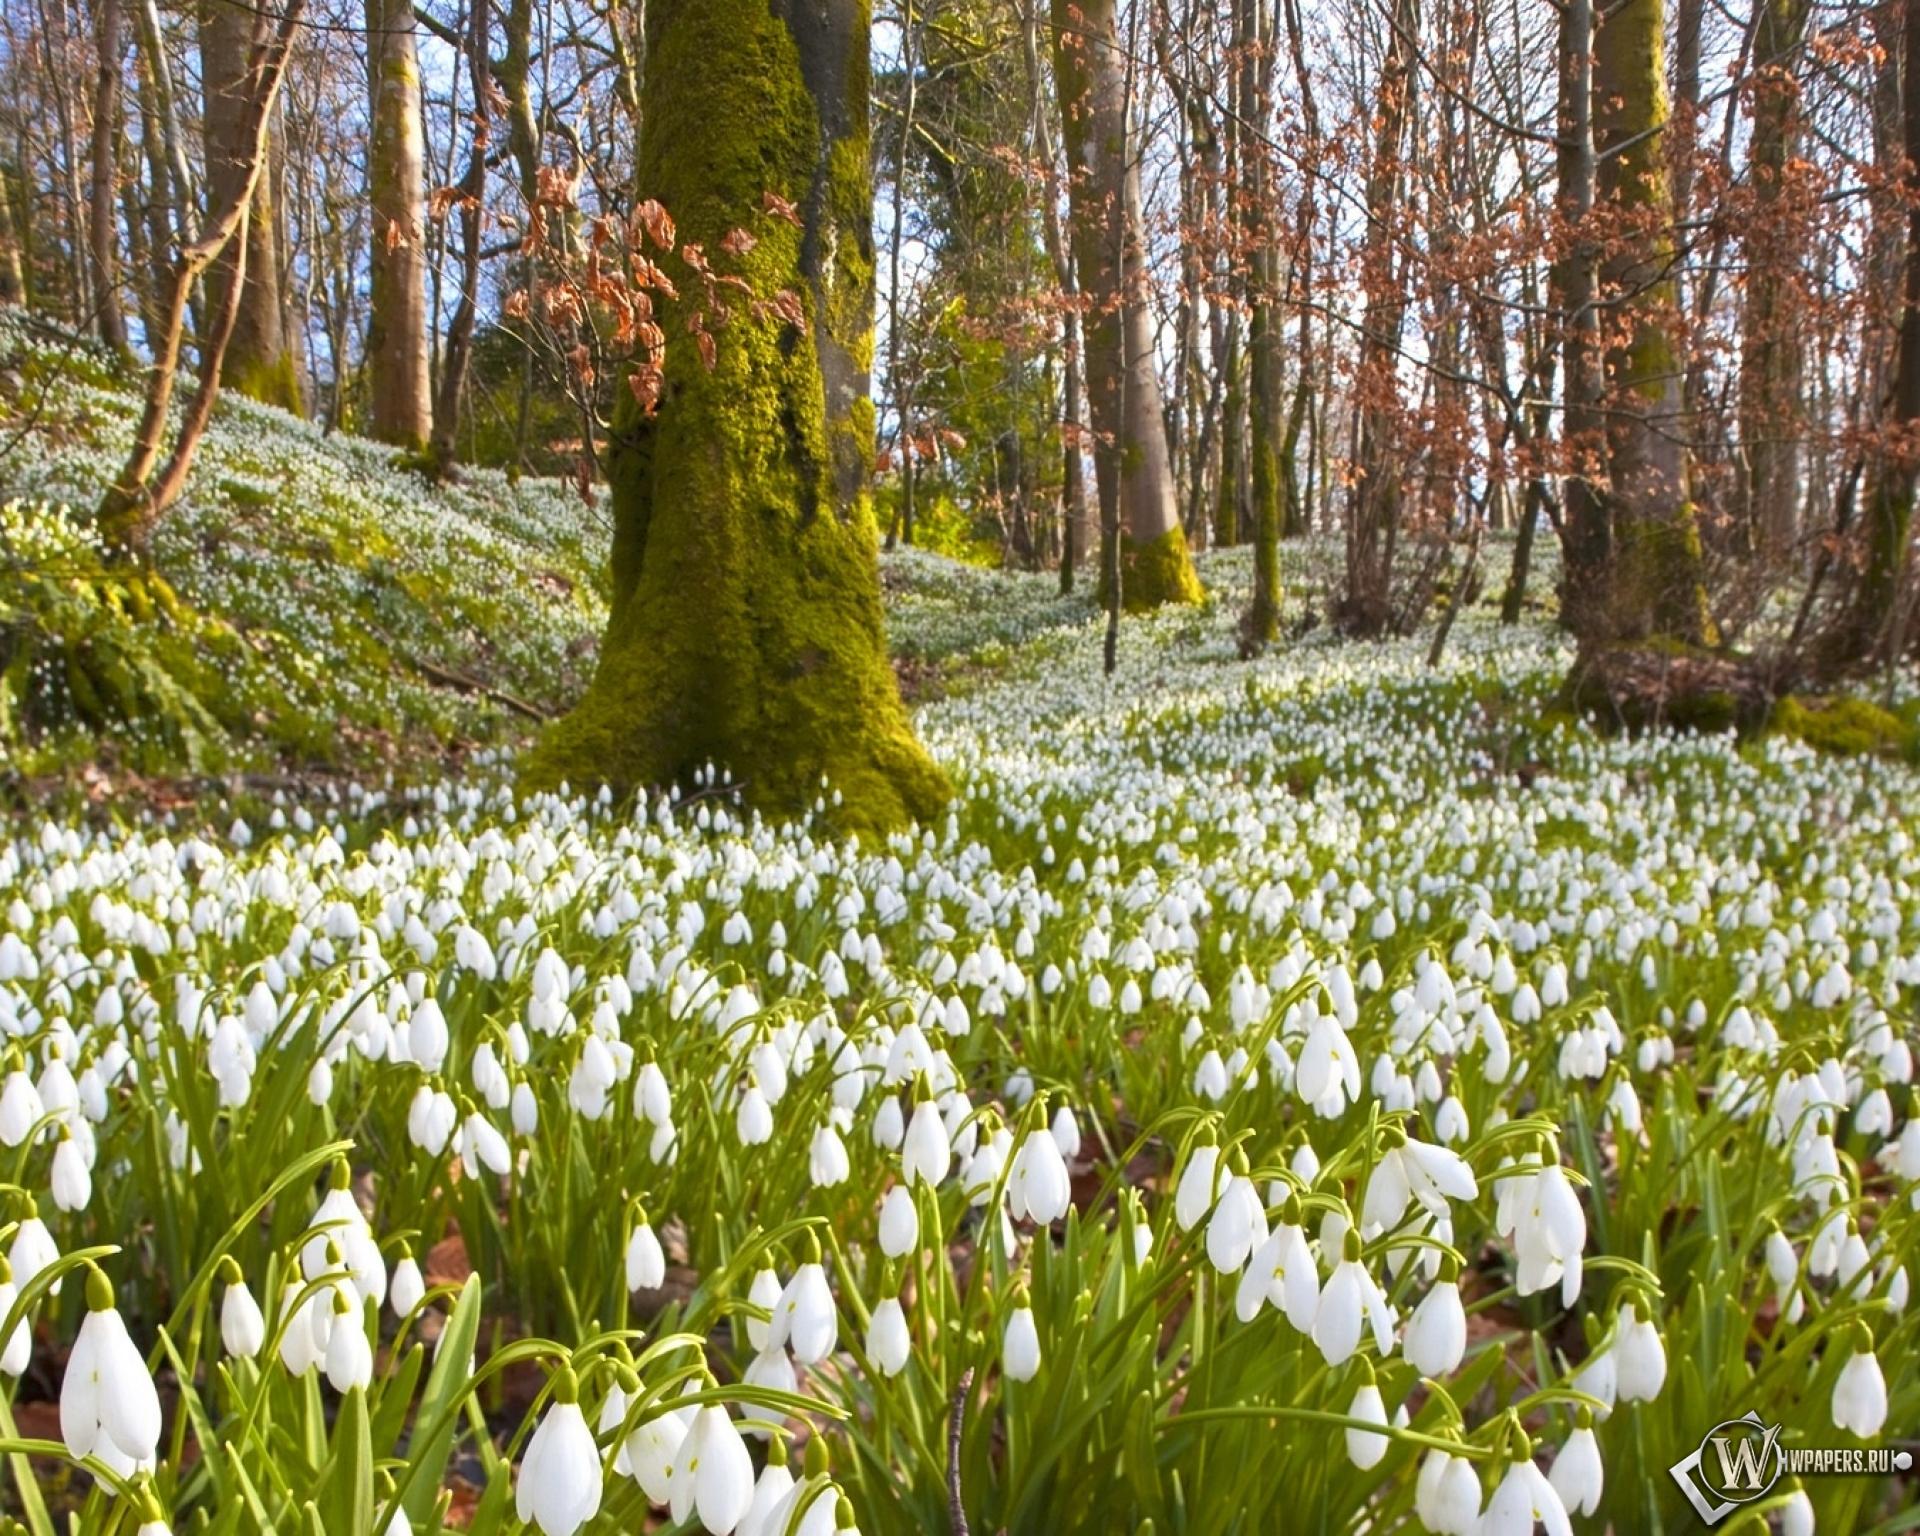 фотографии весна в лесу подснежники которые